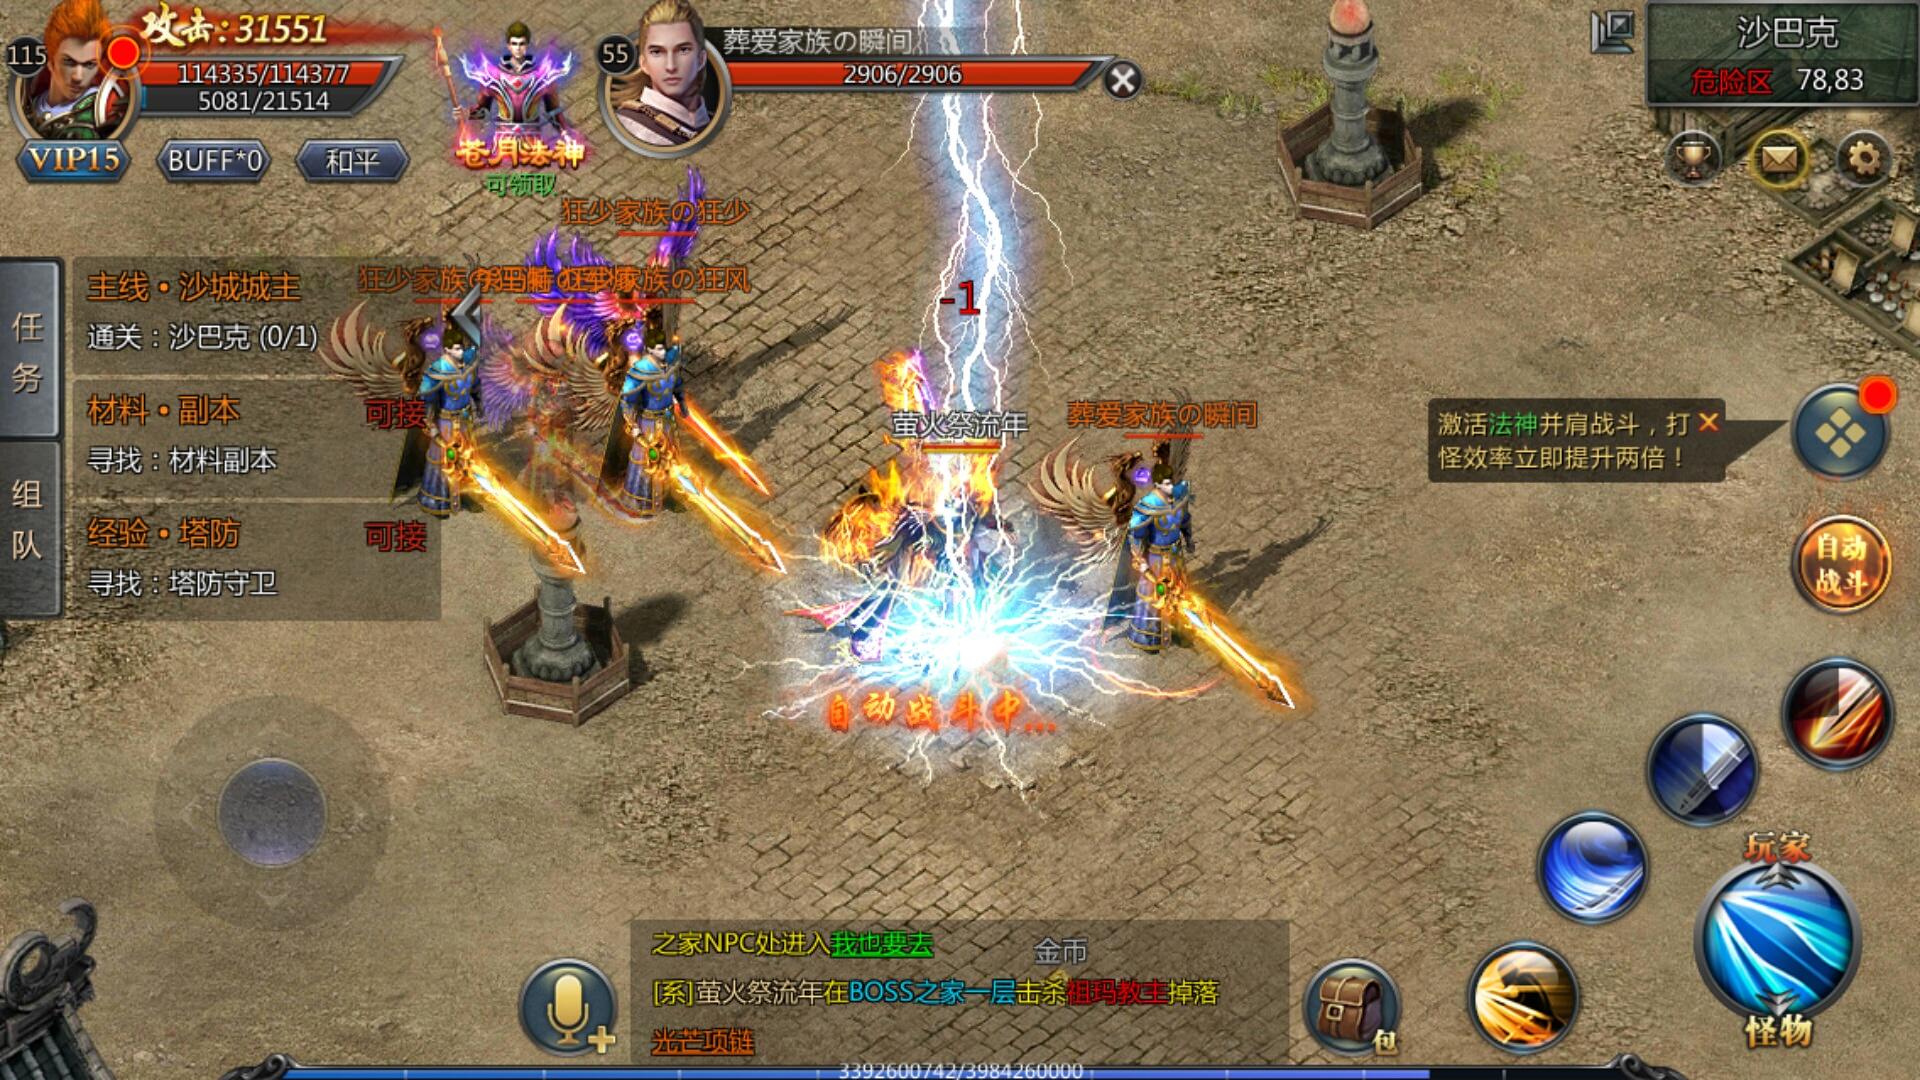 让玩家不管是单挑boss,还是追杀红名,或者是群战抢夺沙城,都能够流畅